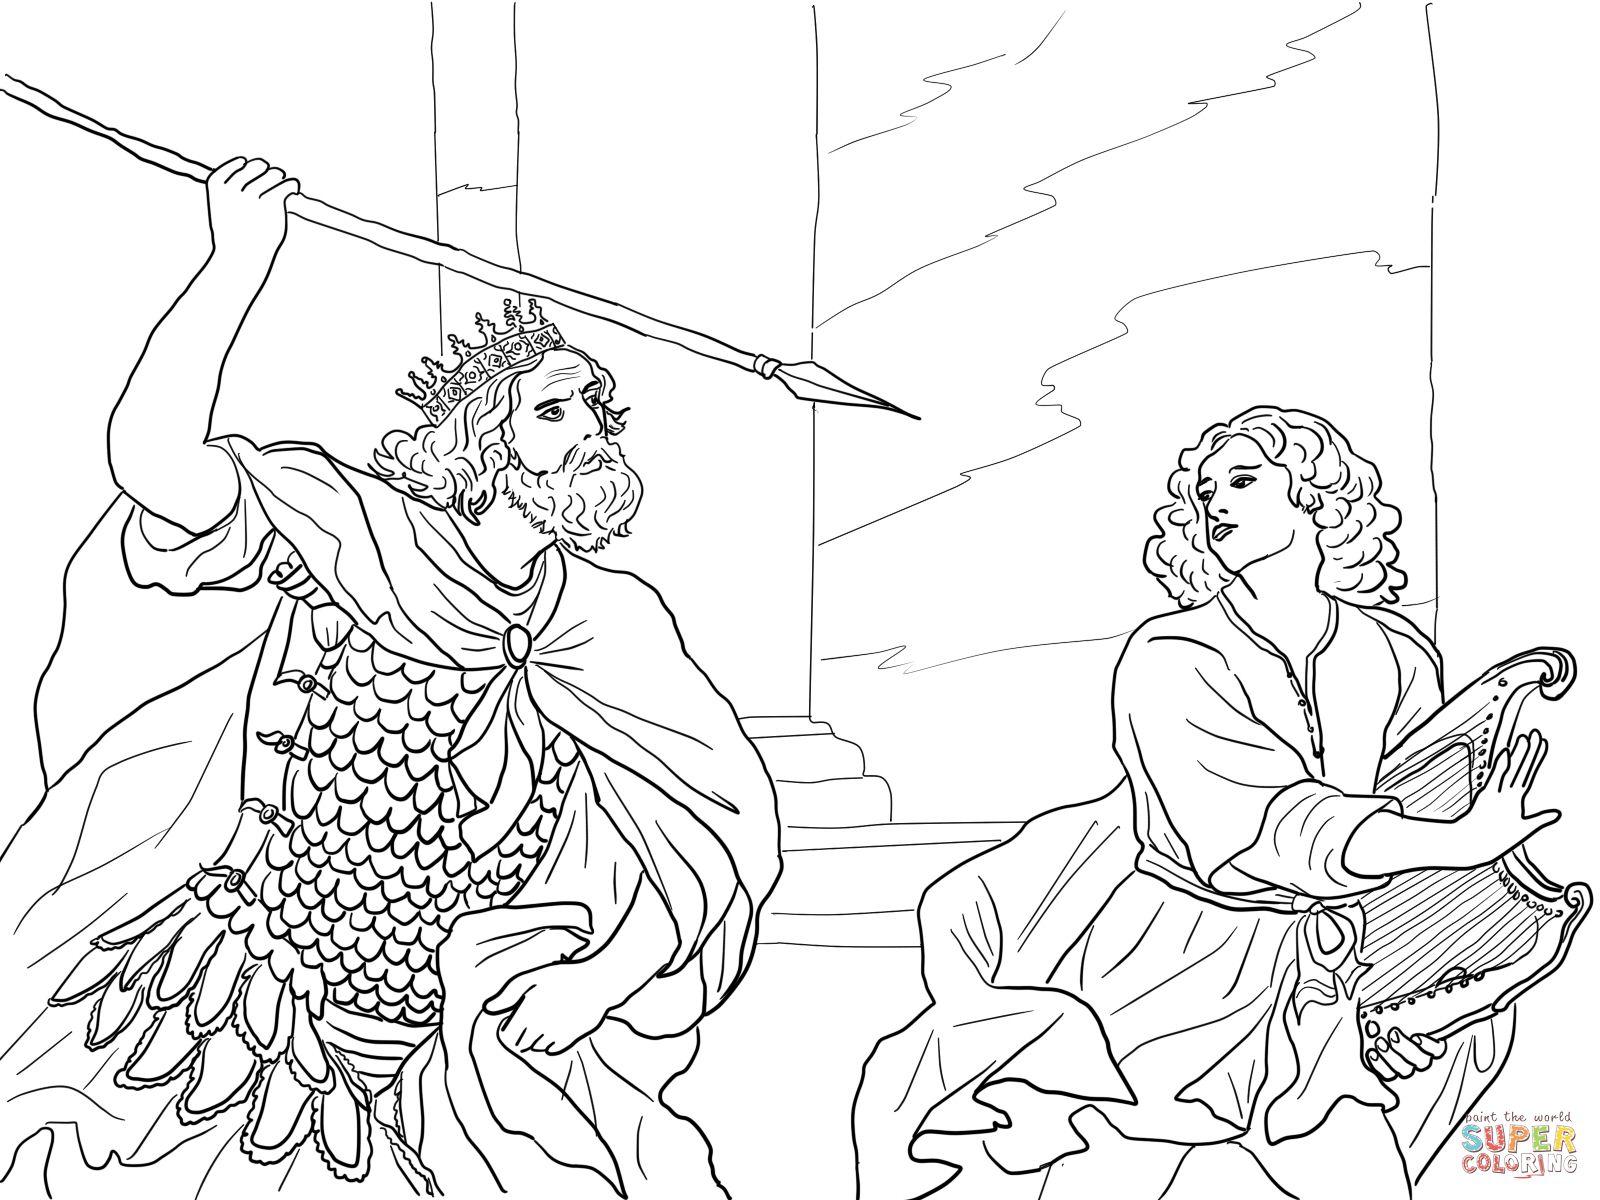 Dibujos Biblicos Para Colorear Del Rey David: David Spares Saul Coloring Page